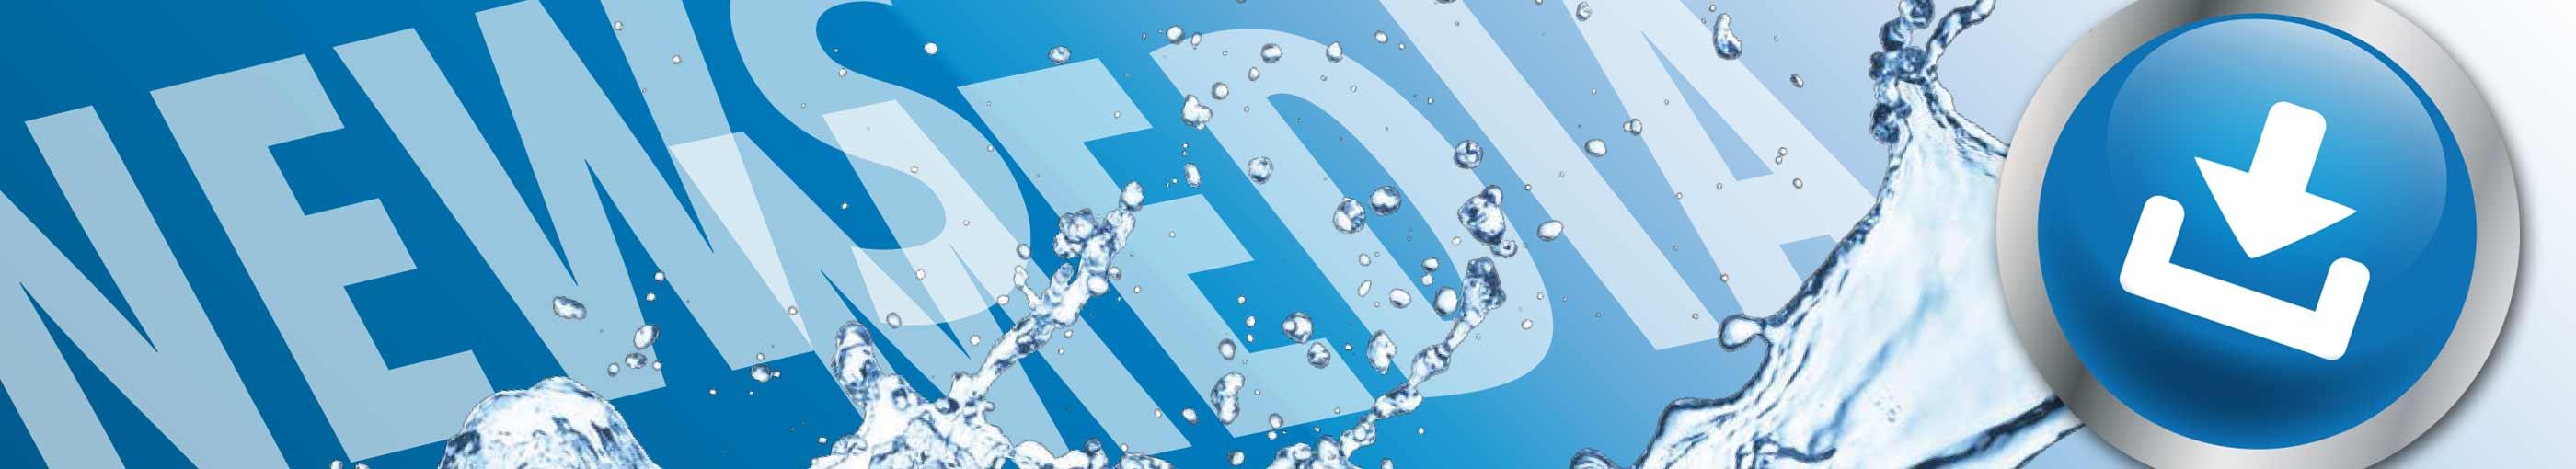 Header-Bild: Unternehmen – Medien